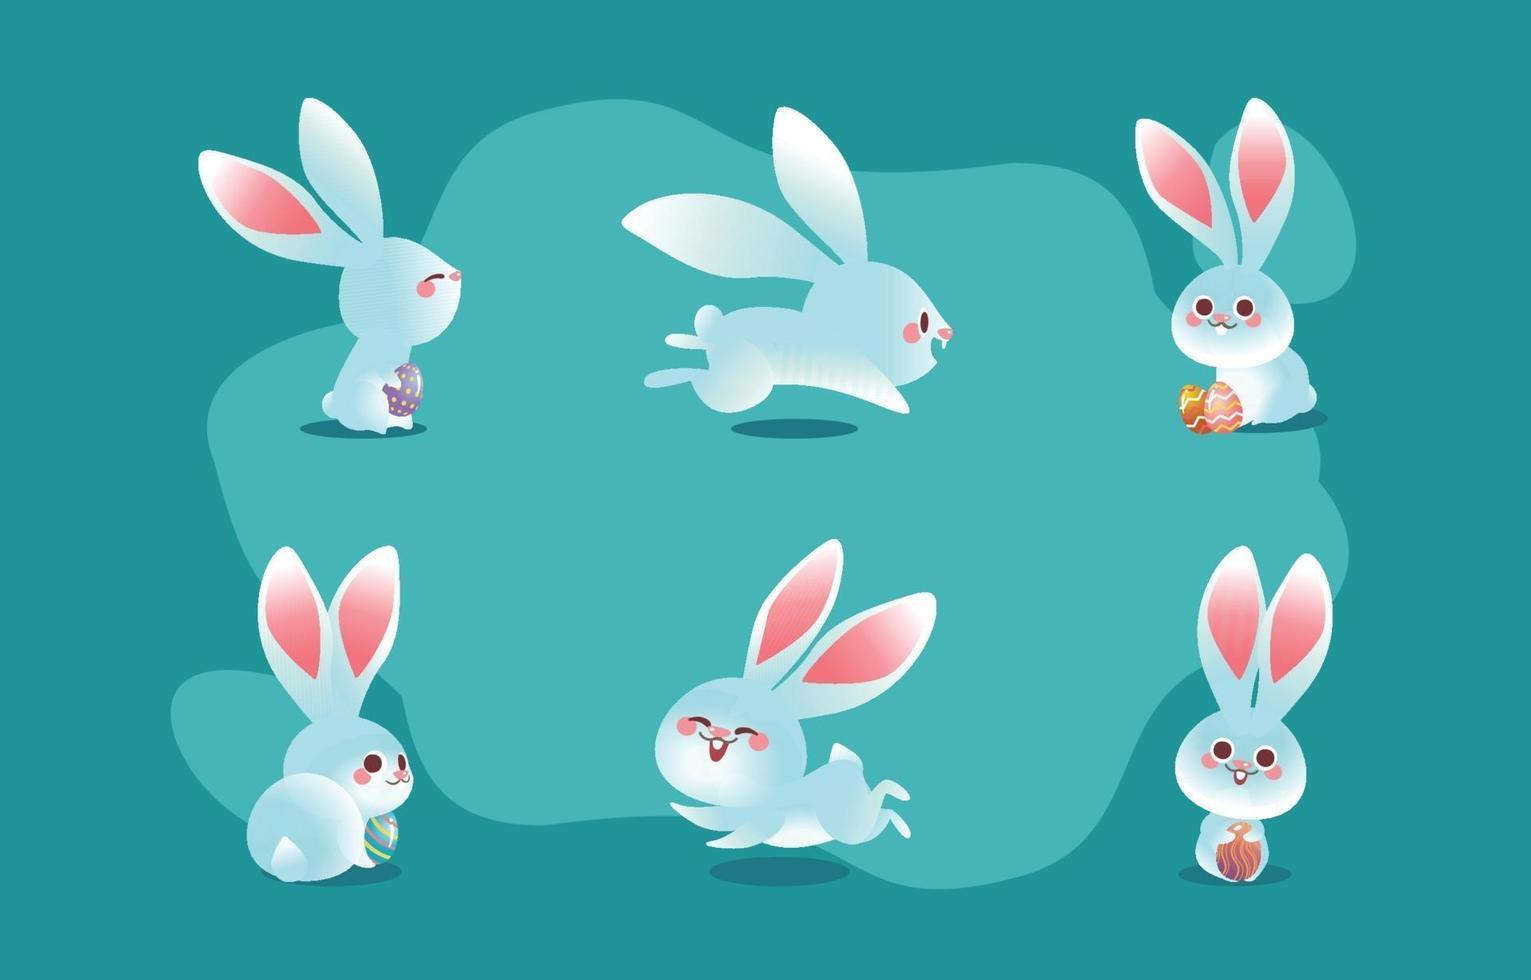 söt påsk vit kanin karaktär koncept vektor